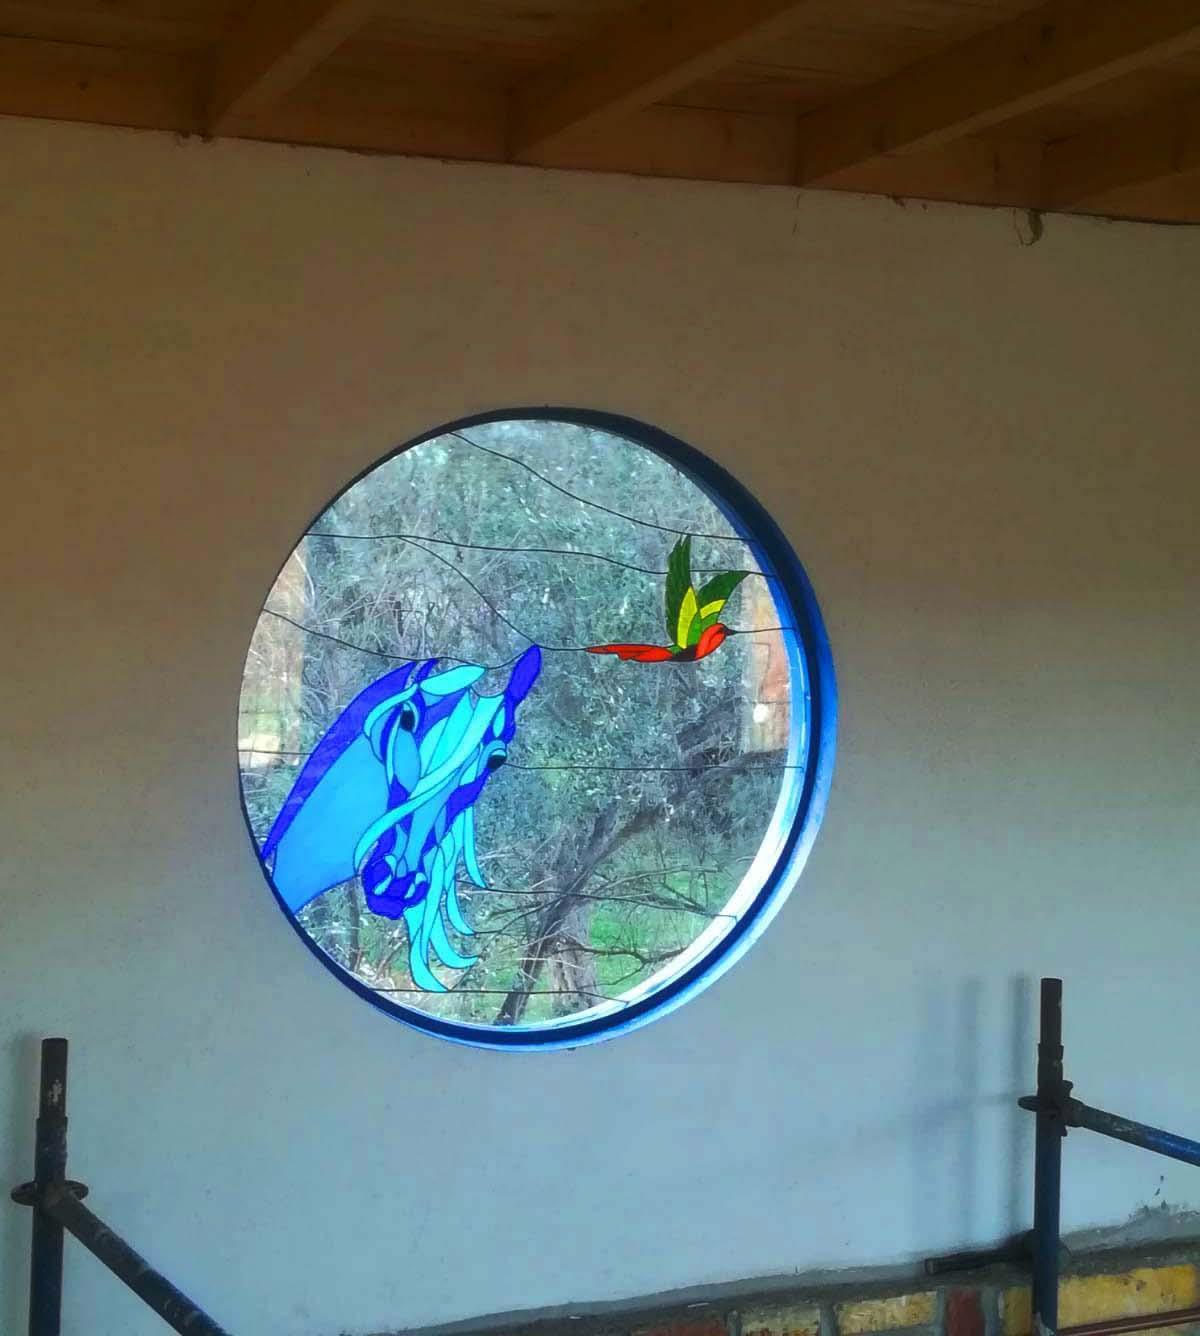 foca-kozbeyli-villa202012017589702.jpg izmir vitray çalışması